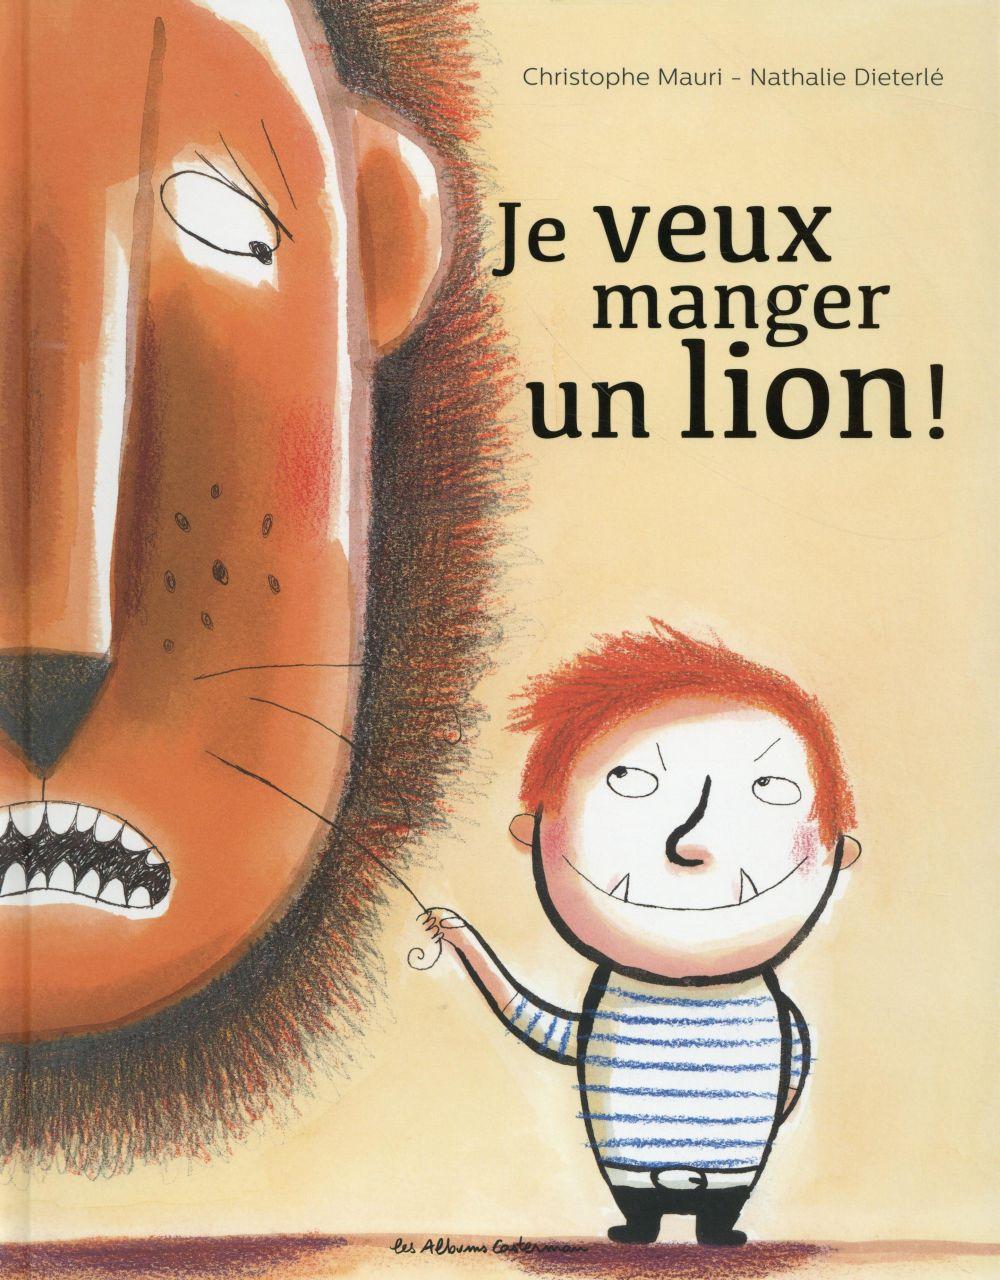 Je veux manger un lion!